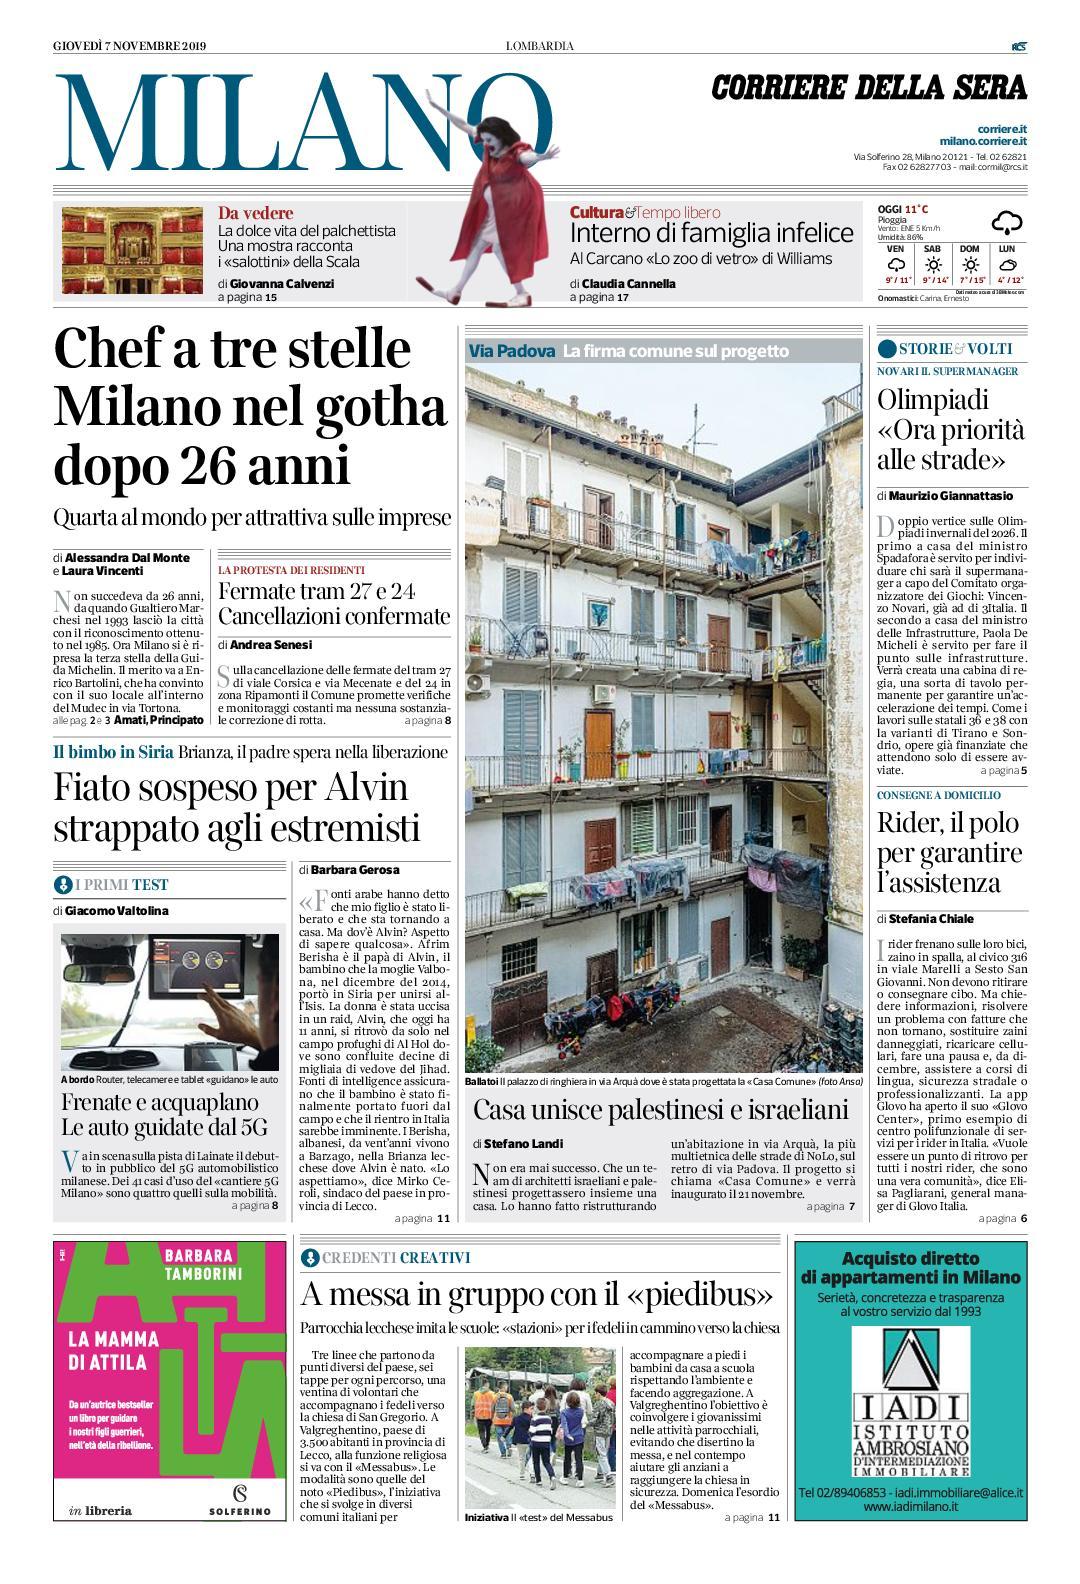 Prezzi Camere Da Letto Gotha calaméo - corriere della sera milano 7 novembre 2019 by pd s